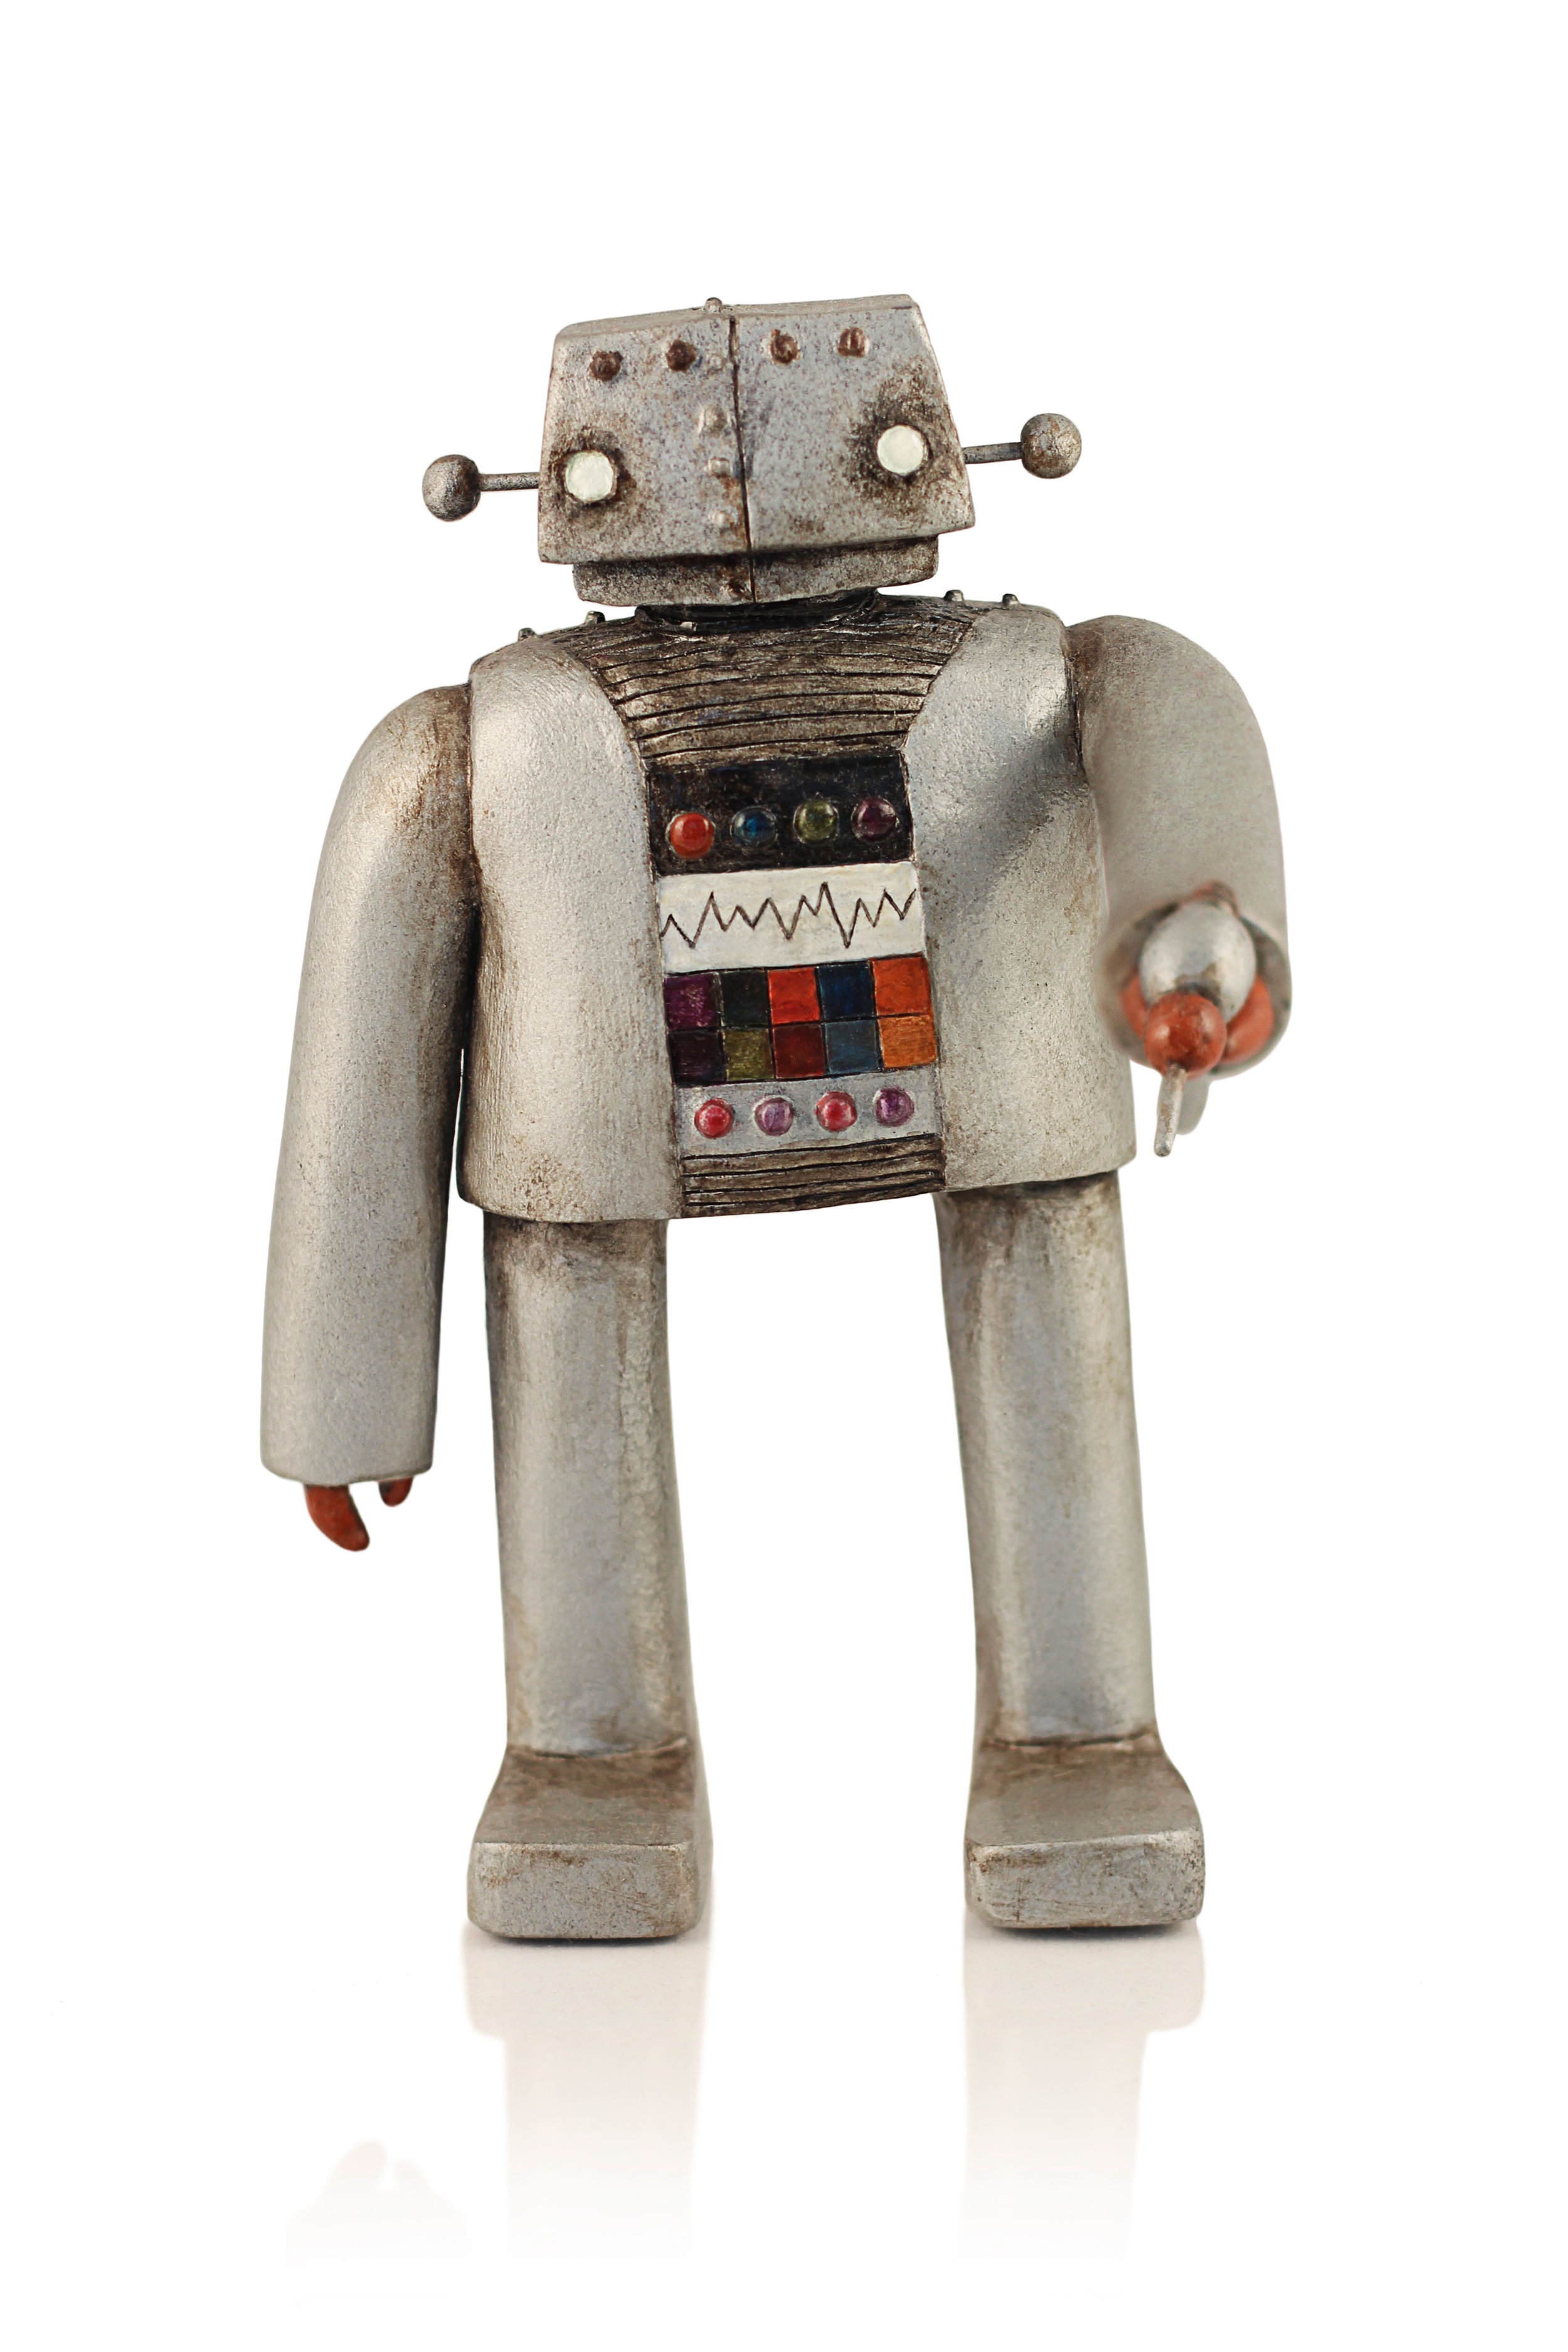 Gadget the Robot